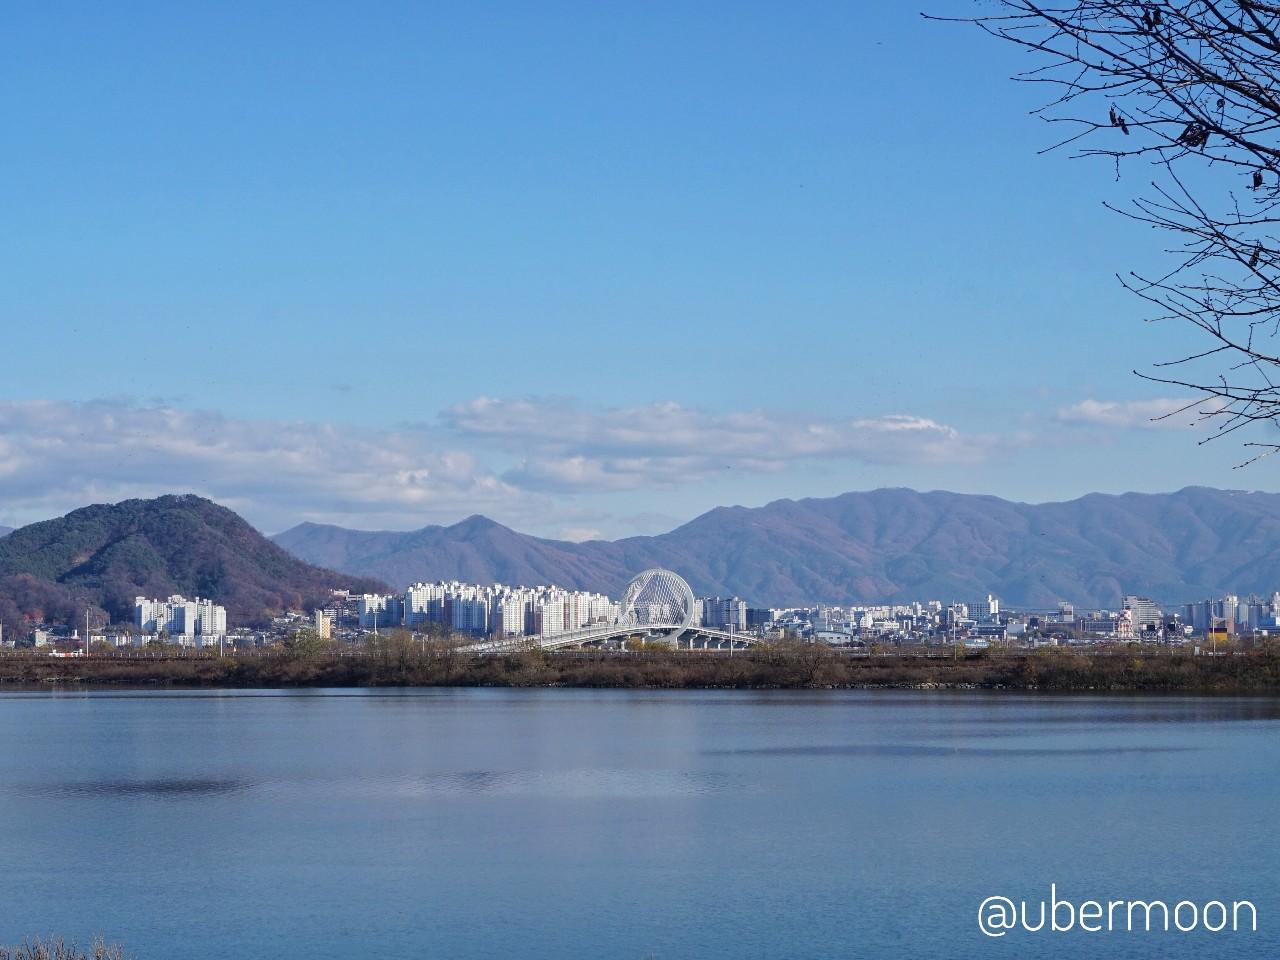 Keliling Chuncheon sambil menyusuri danau